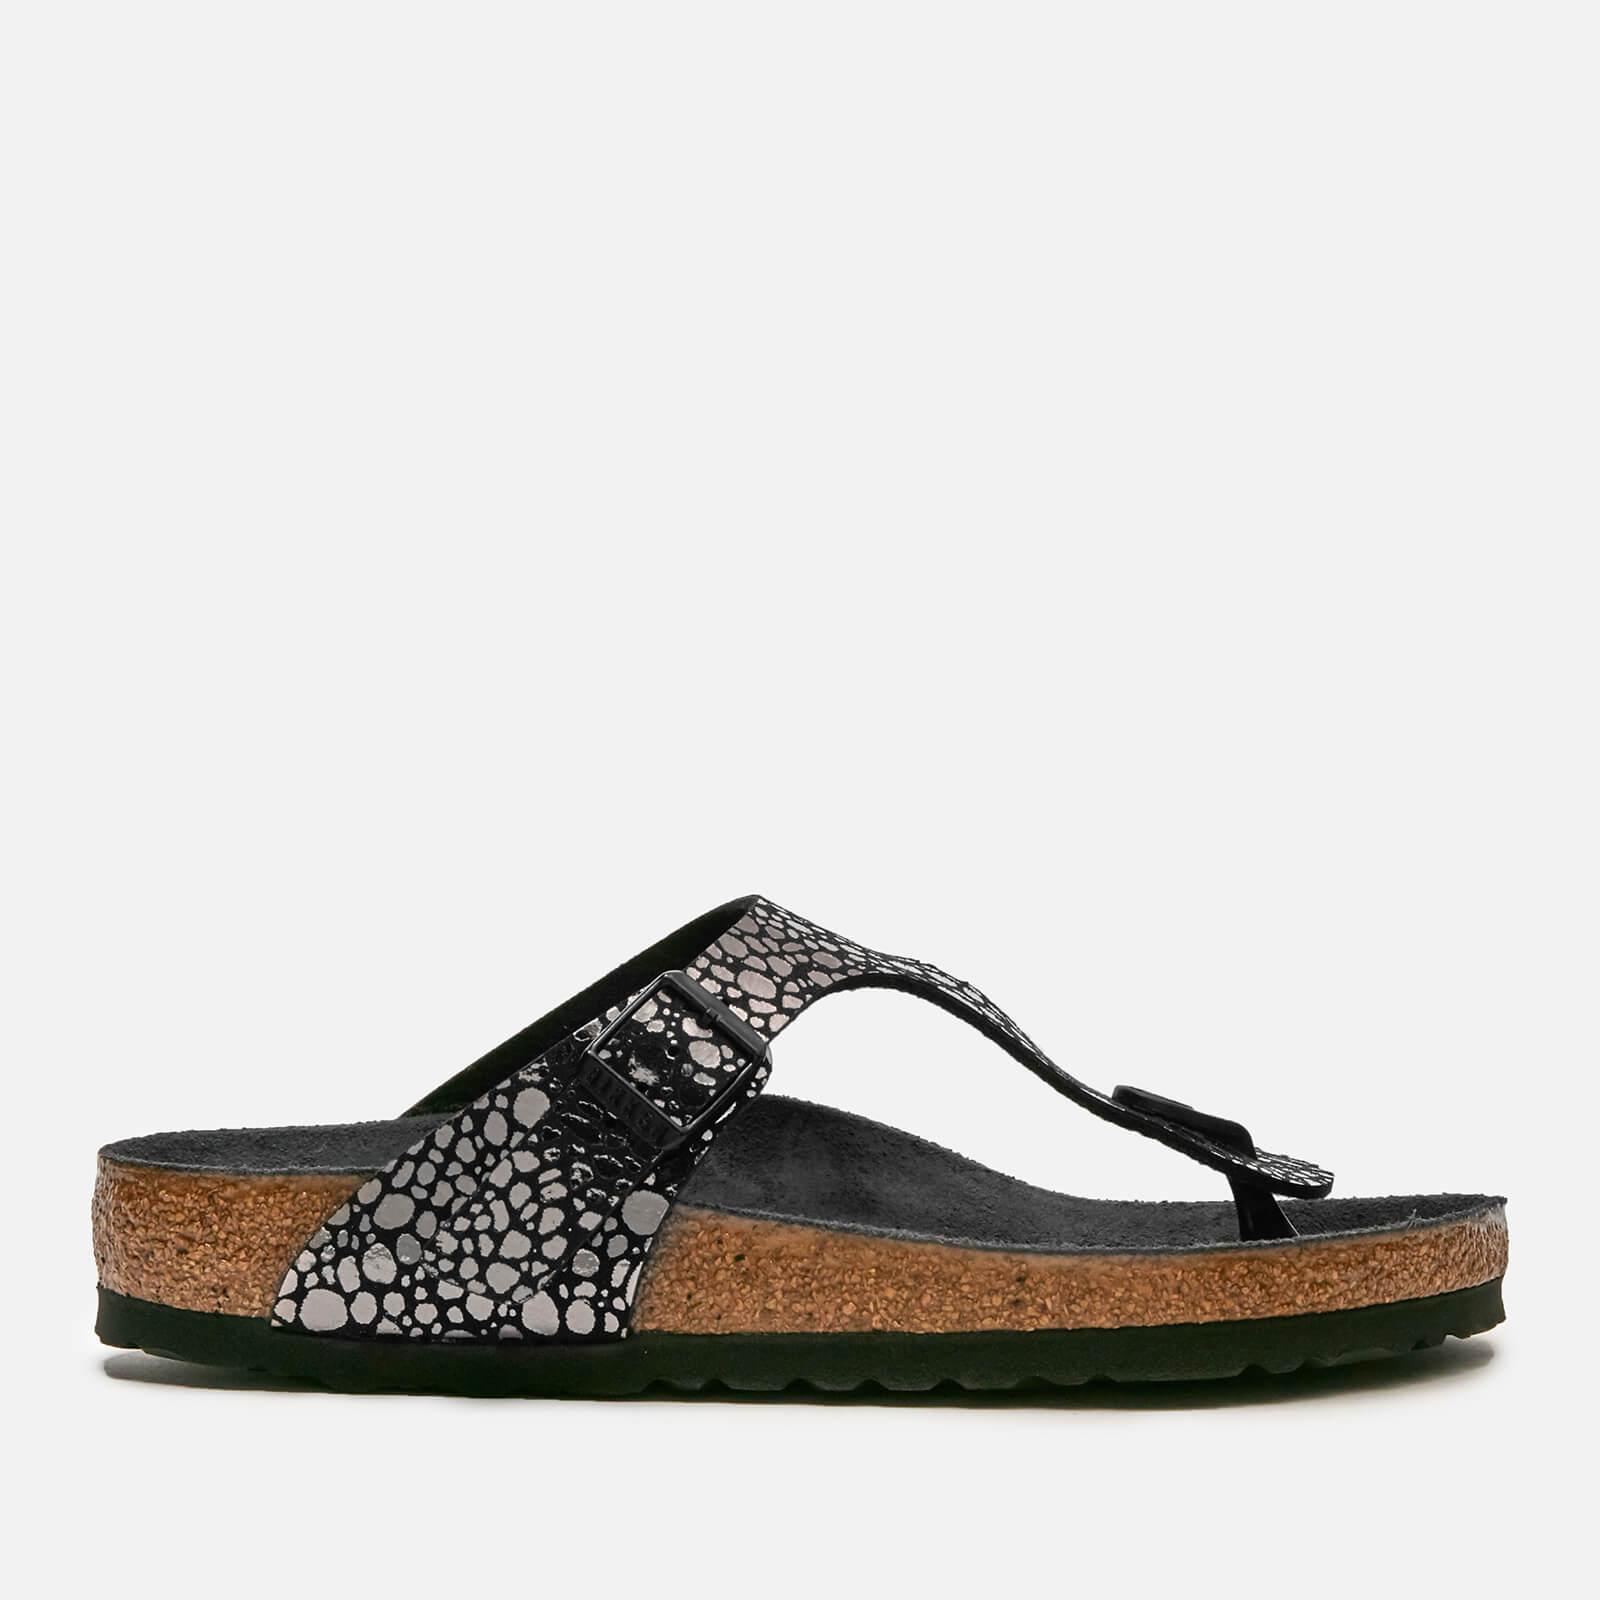 Birkenstock Women's Gizeh Toe-Post Leather Sandals - Metallic Stones Black - UK 5 - Black